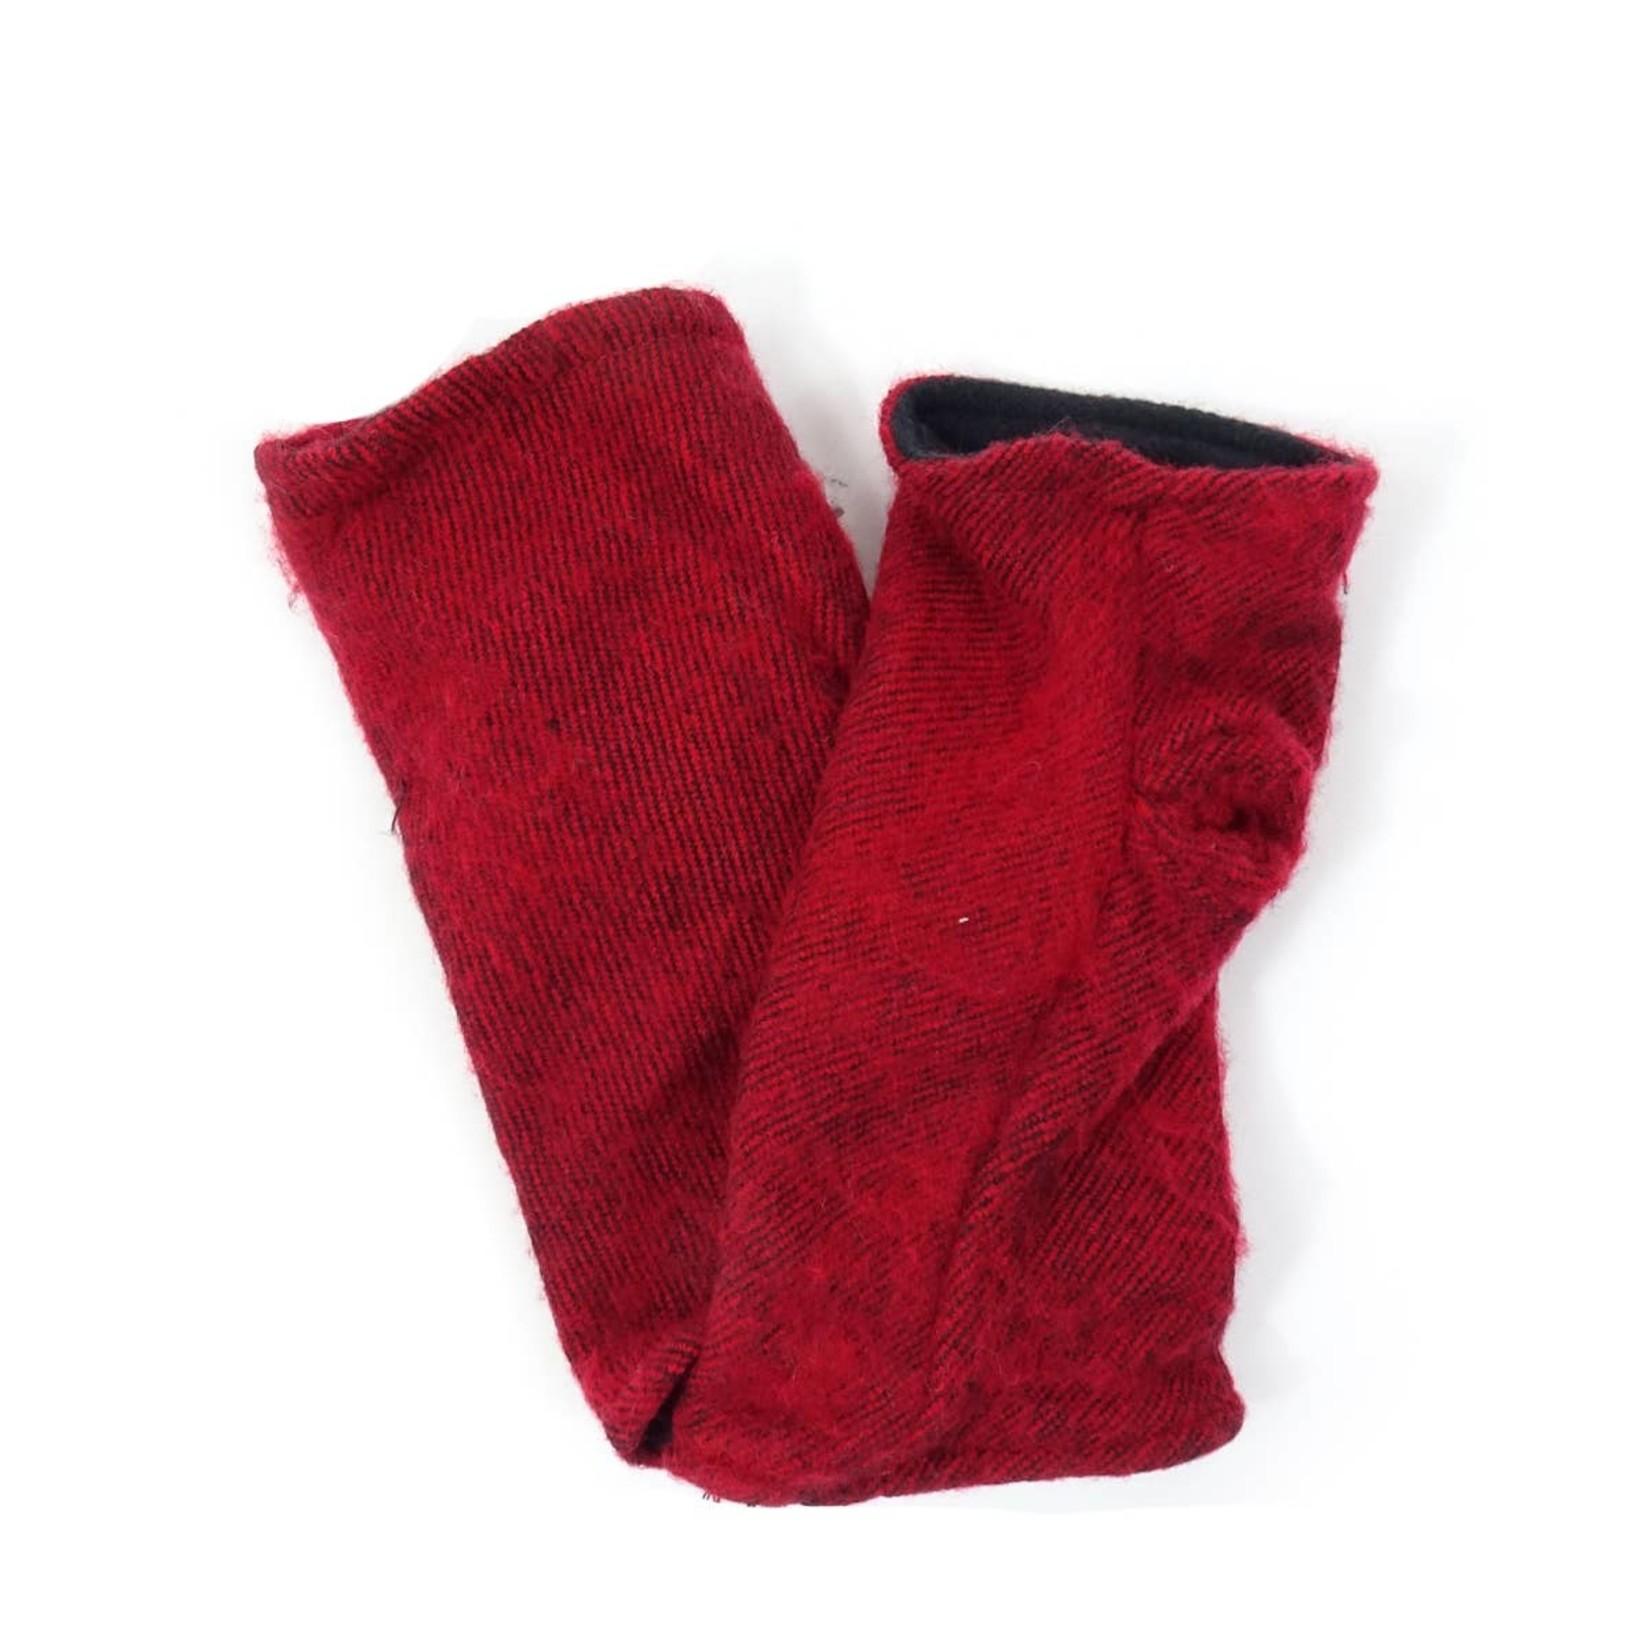 Zig Zag Asian Brushed Woven Fingerless Gloves in Red